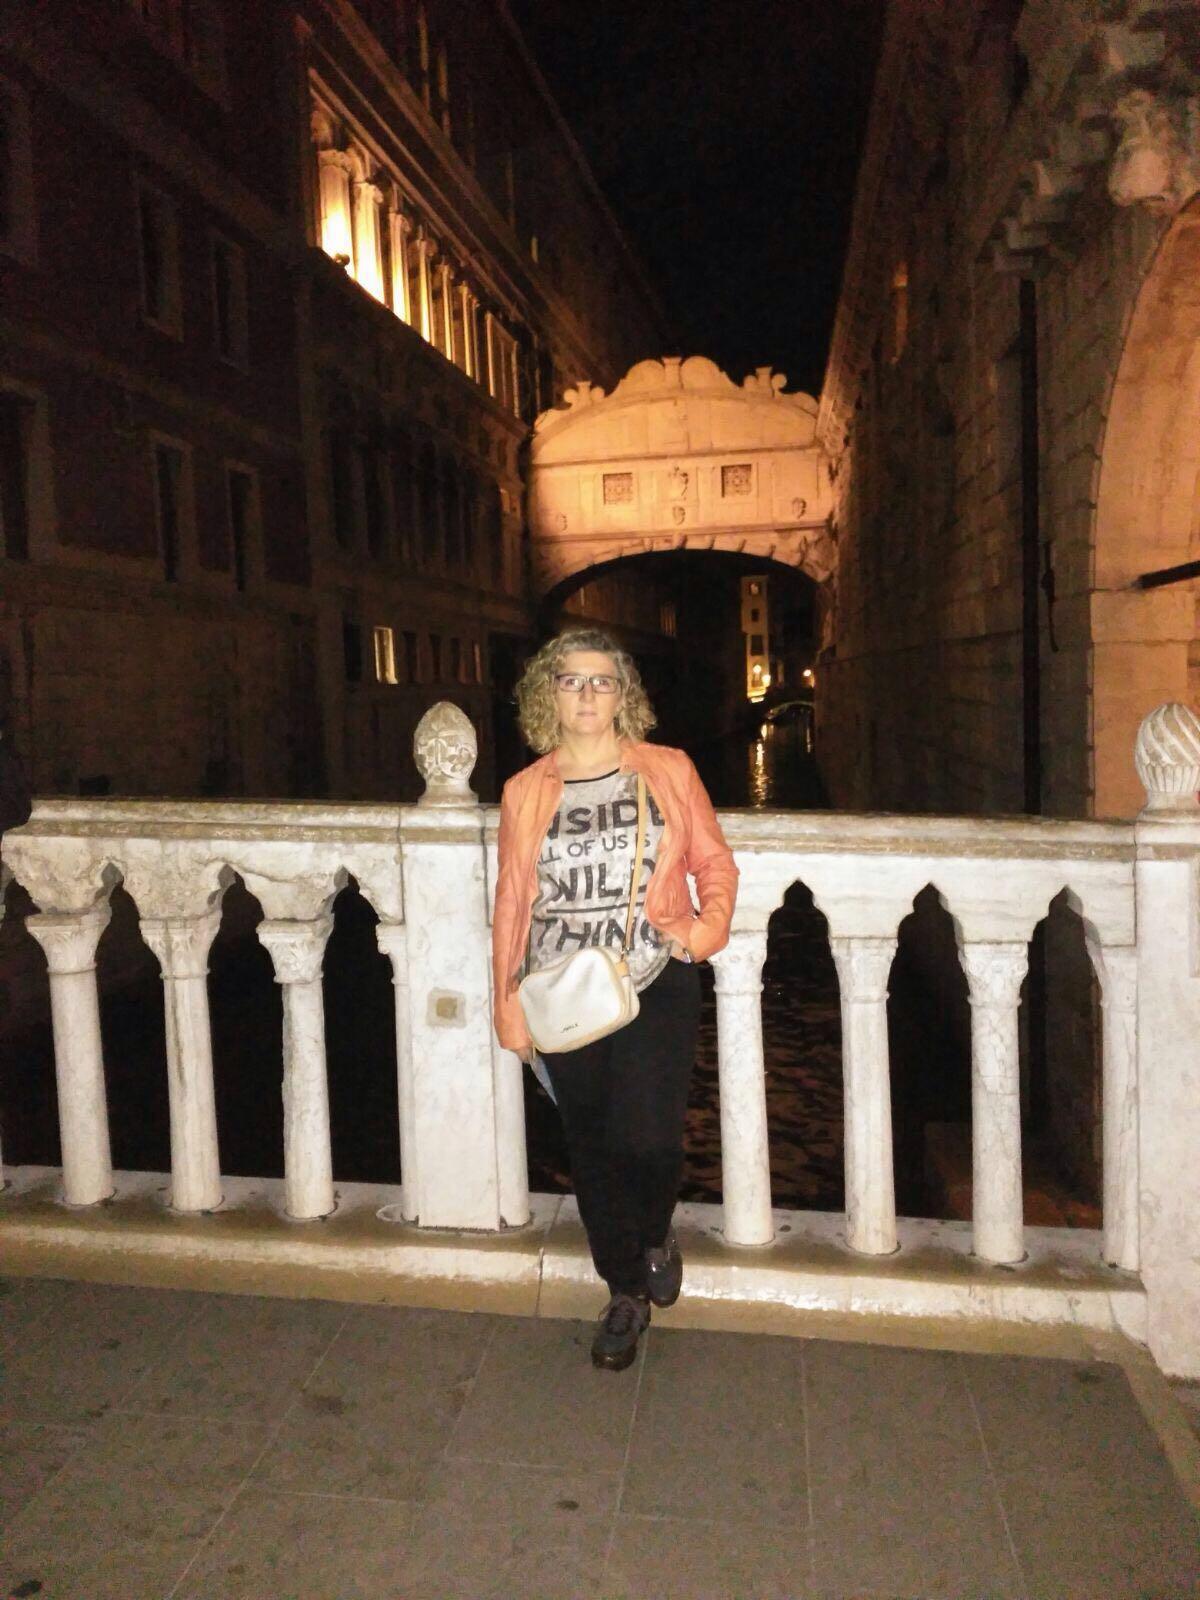 Carmen con el Puente de los suspiros tras ella en Venecia